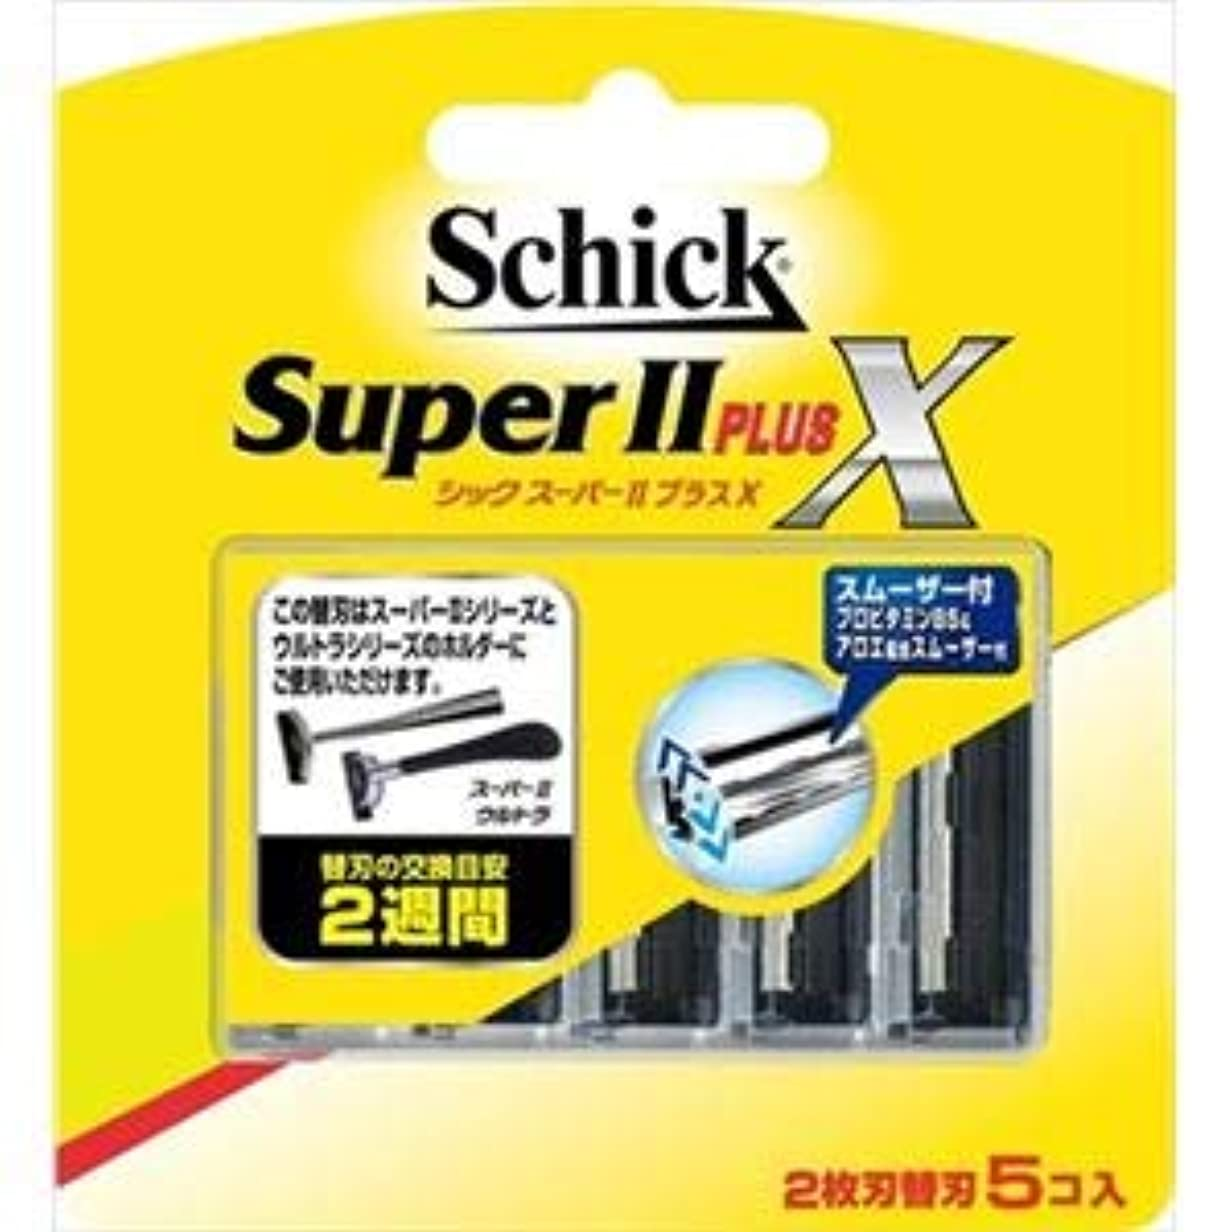 欲しいですトーン救急車(まとめ)シック(Schick) スーパー2プラス 替刃 5コ入 【×3点セット】